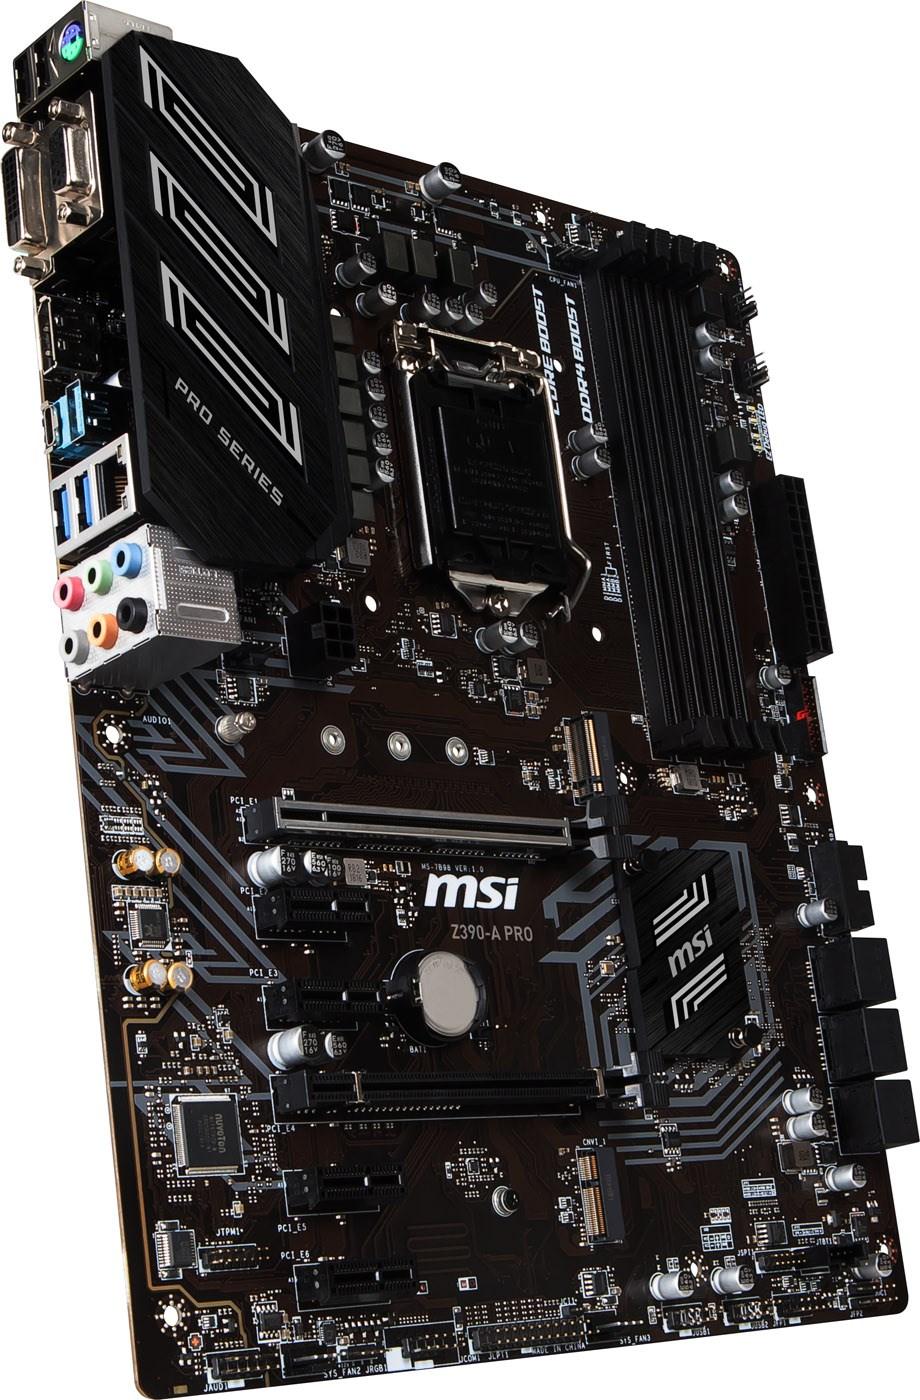 MSI Z390-A PRO Intel Socket 1151 Motherboard - Z390-A PRO | CCL